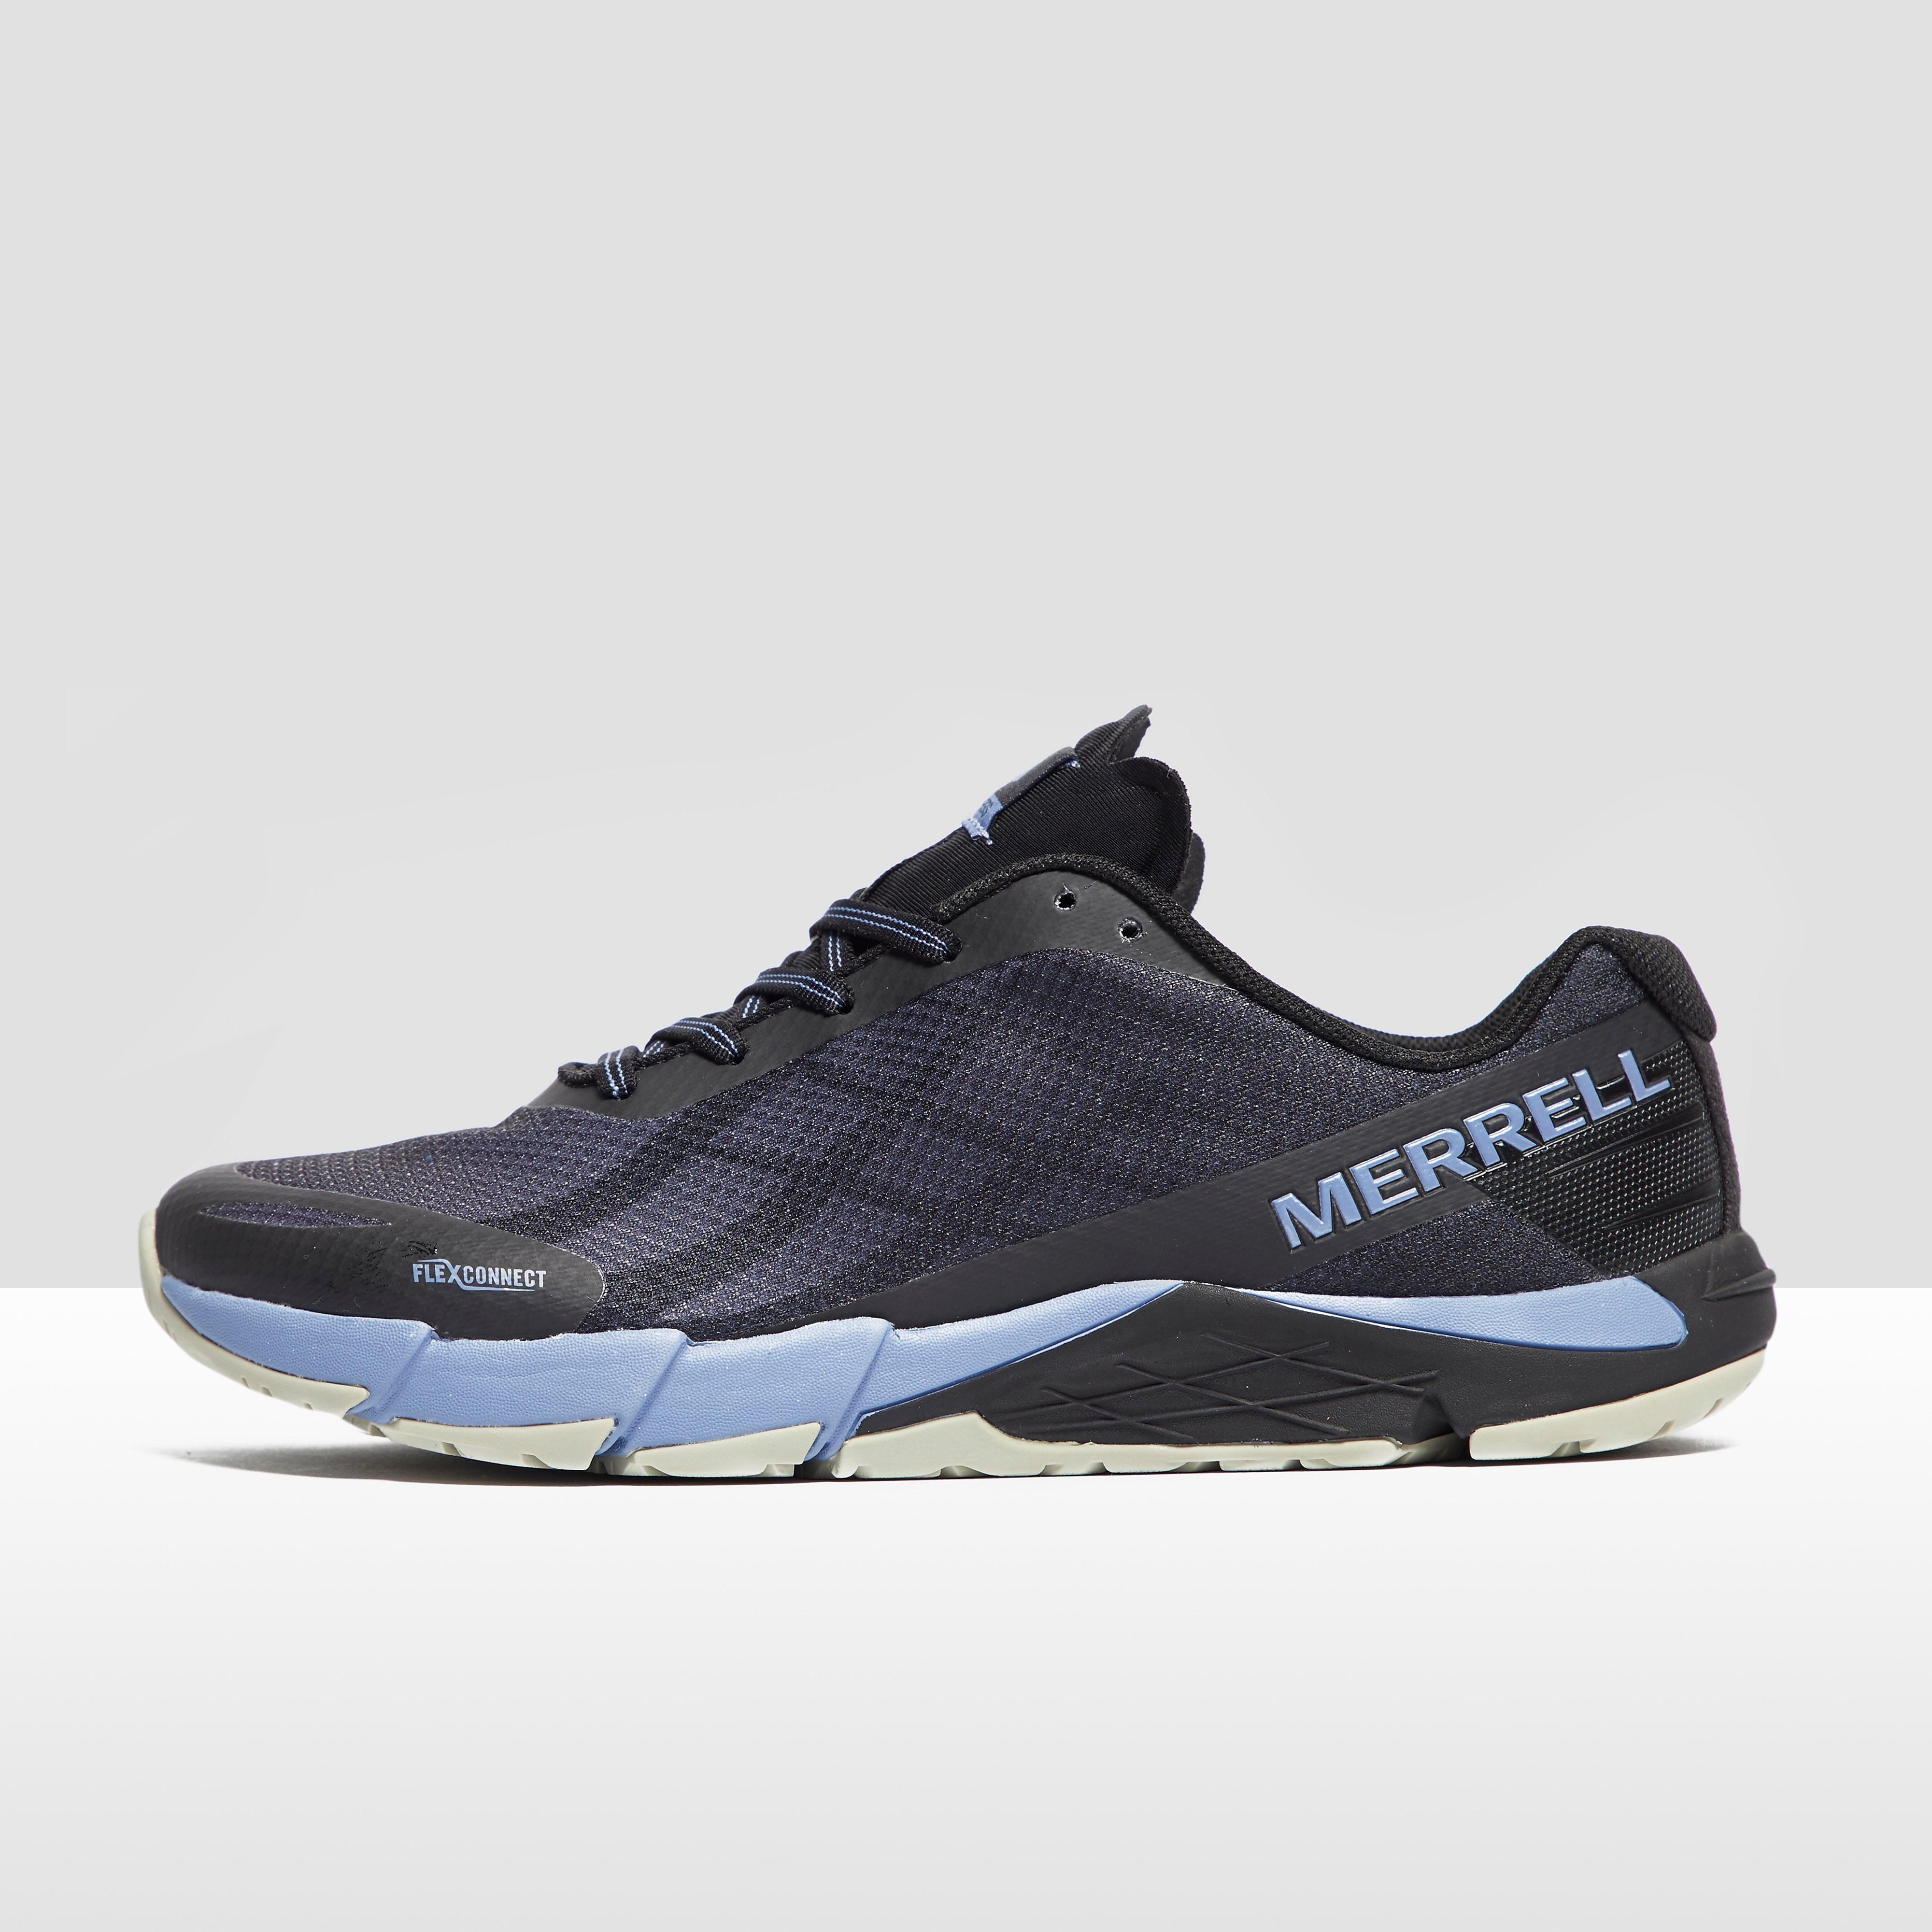 Merrell Bare Access Flex Women's Running Shoes